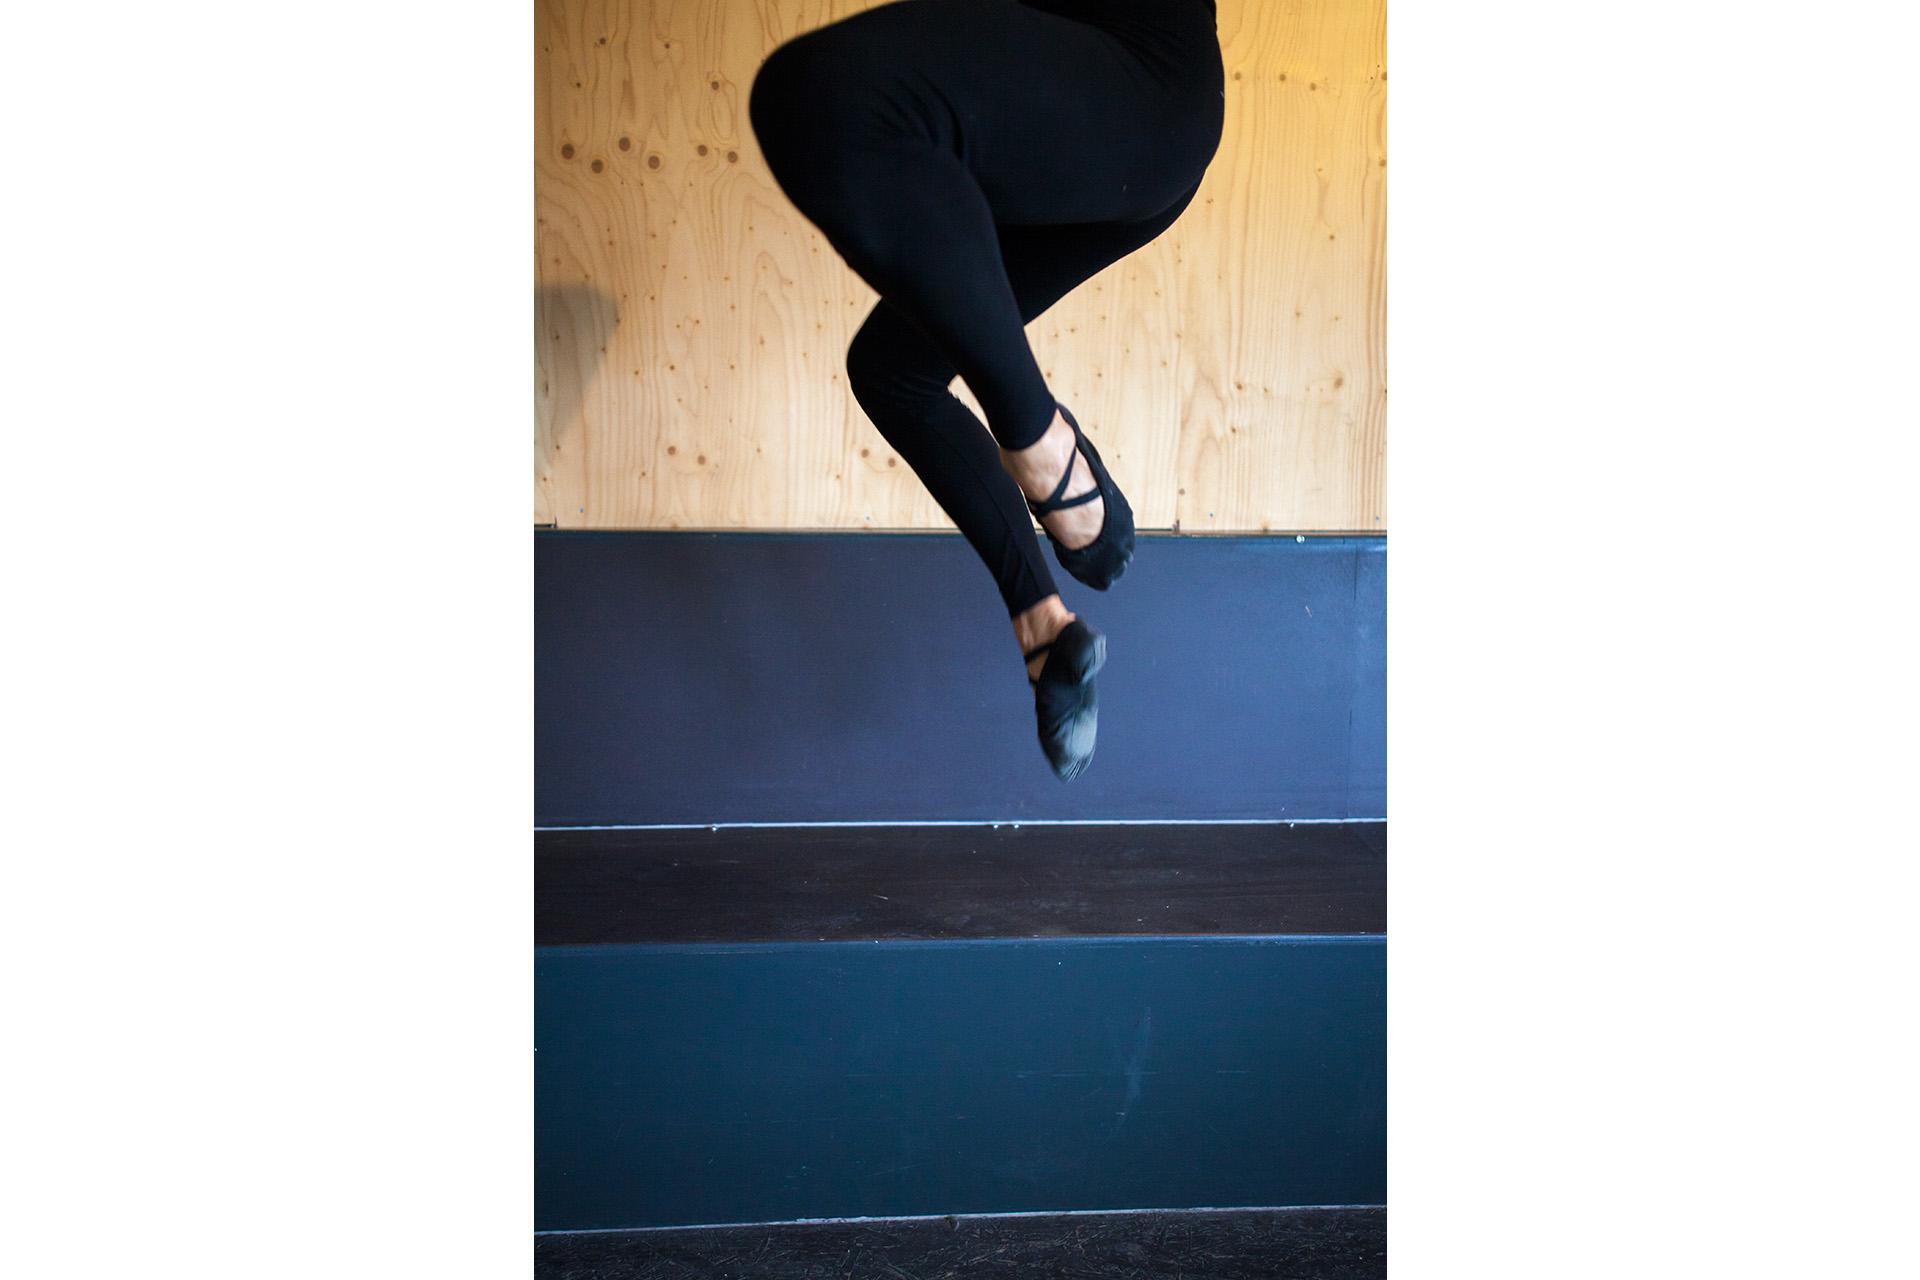 Untitled_Jump